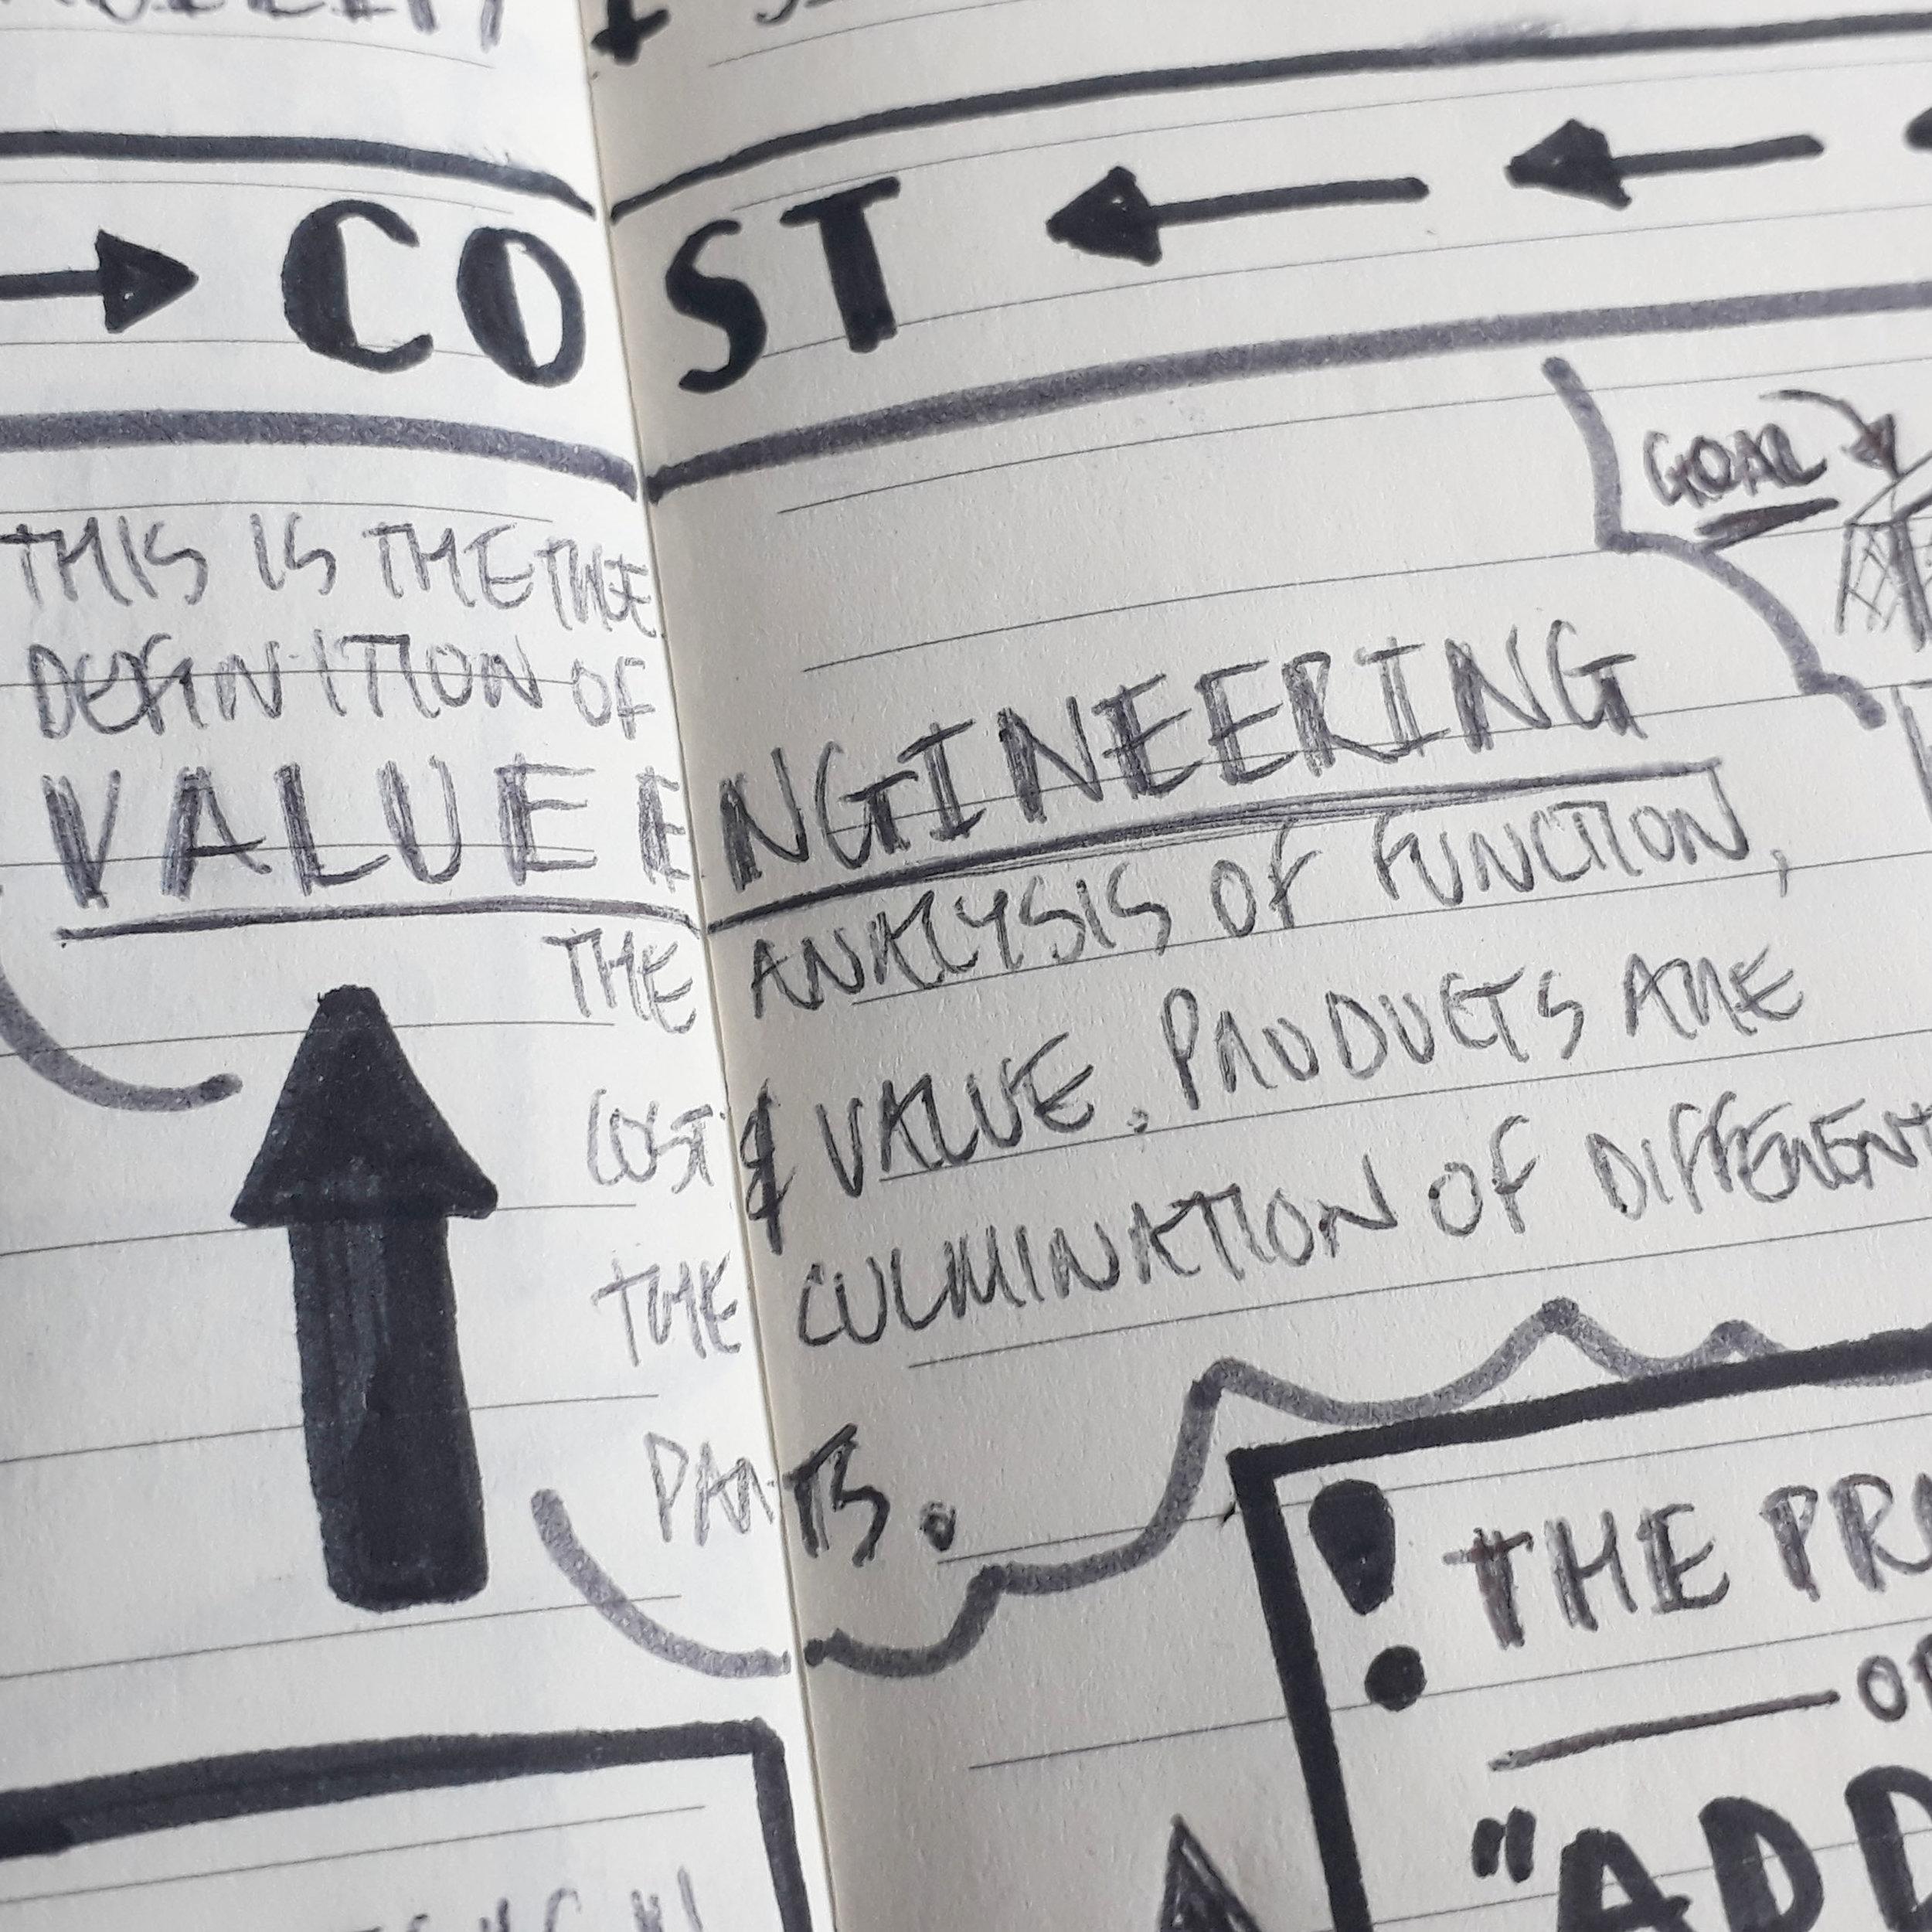 ValueInDesign-Part2.5.jpg